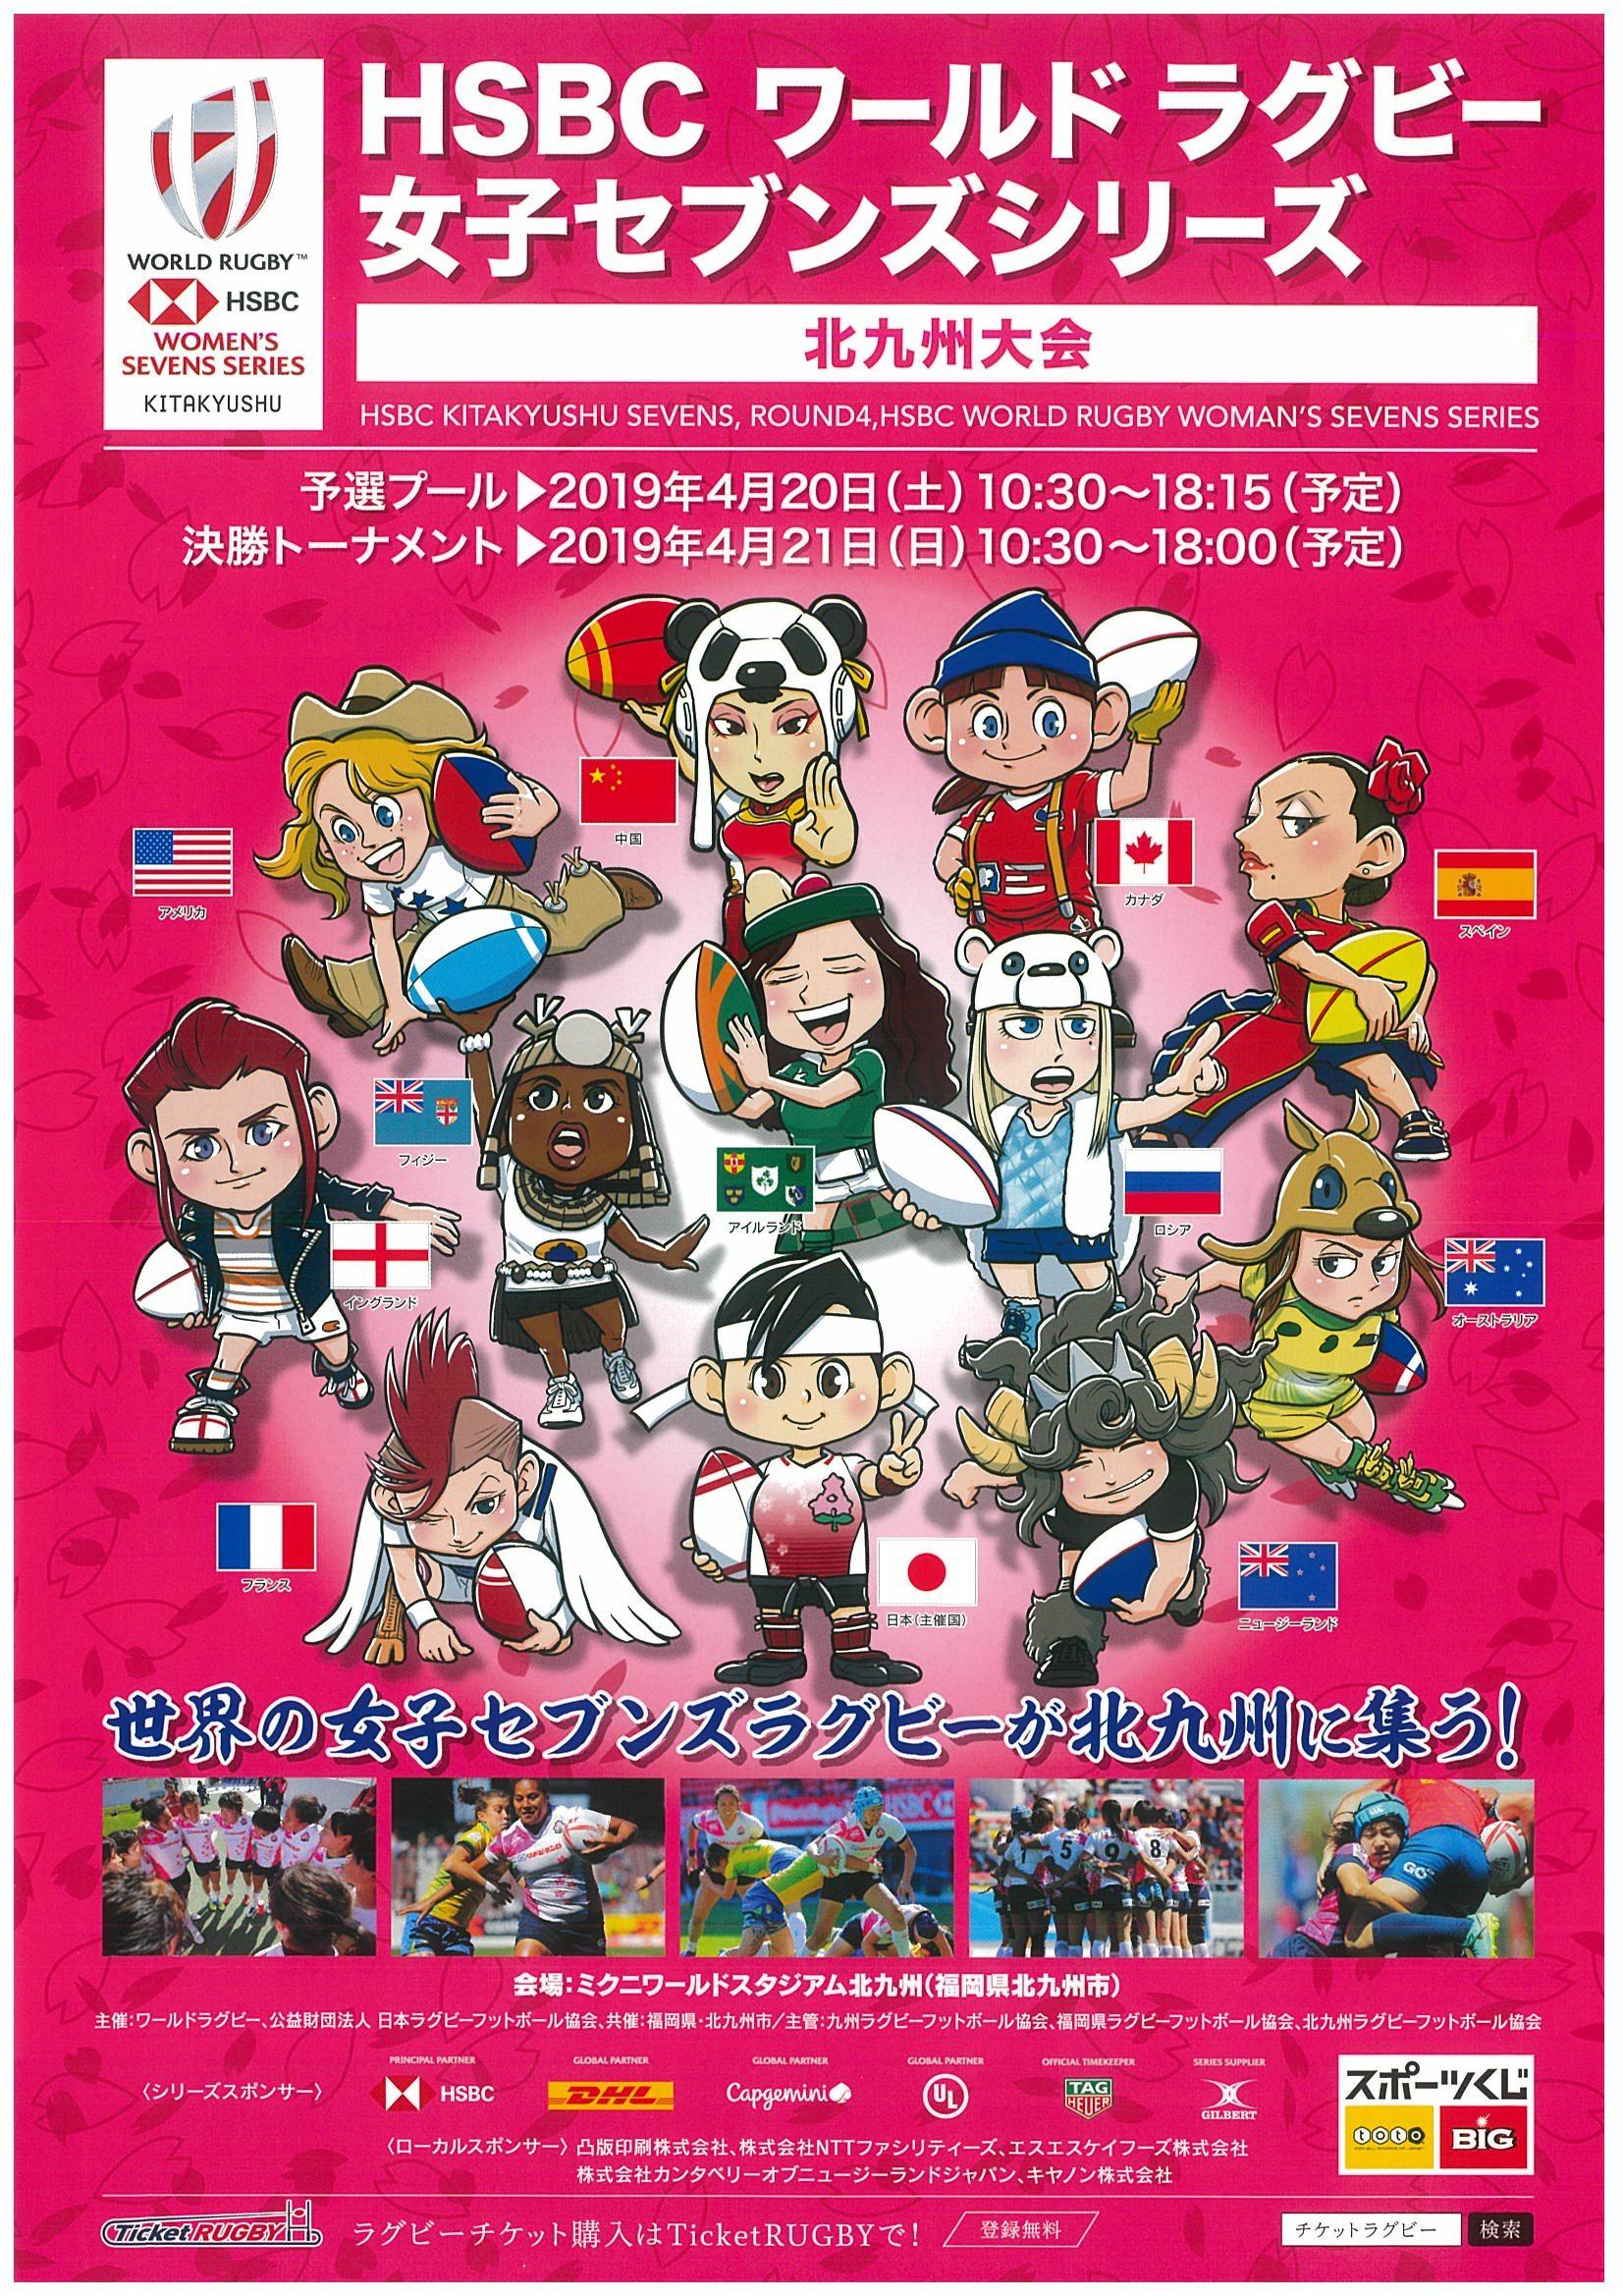 HSBSワールドラクビー女子セブンズシリーズ北九州大会-1